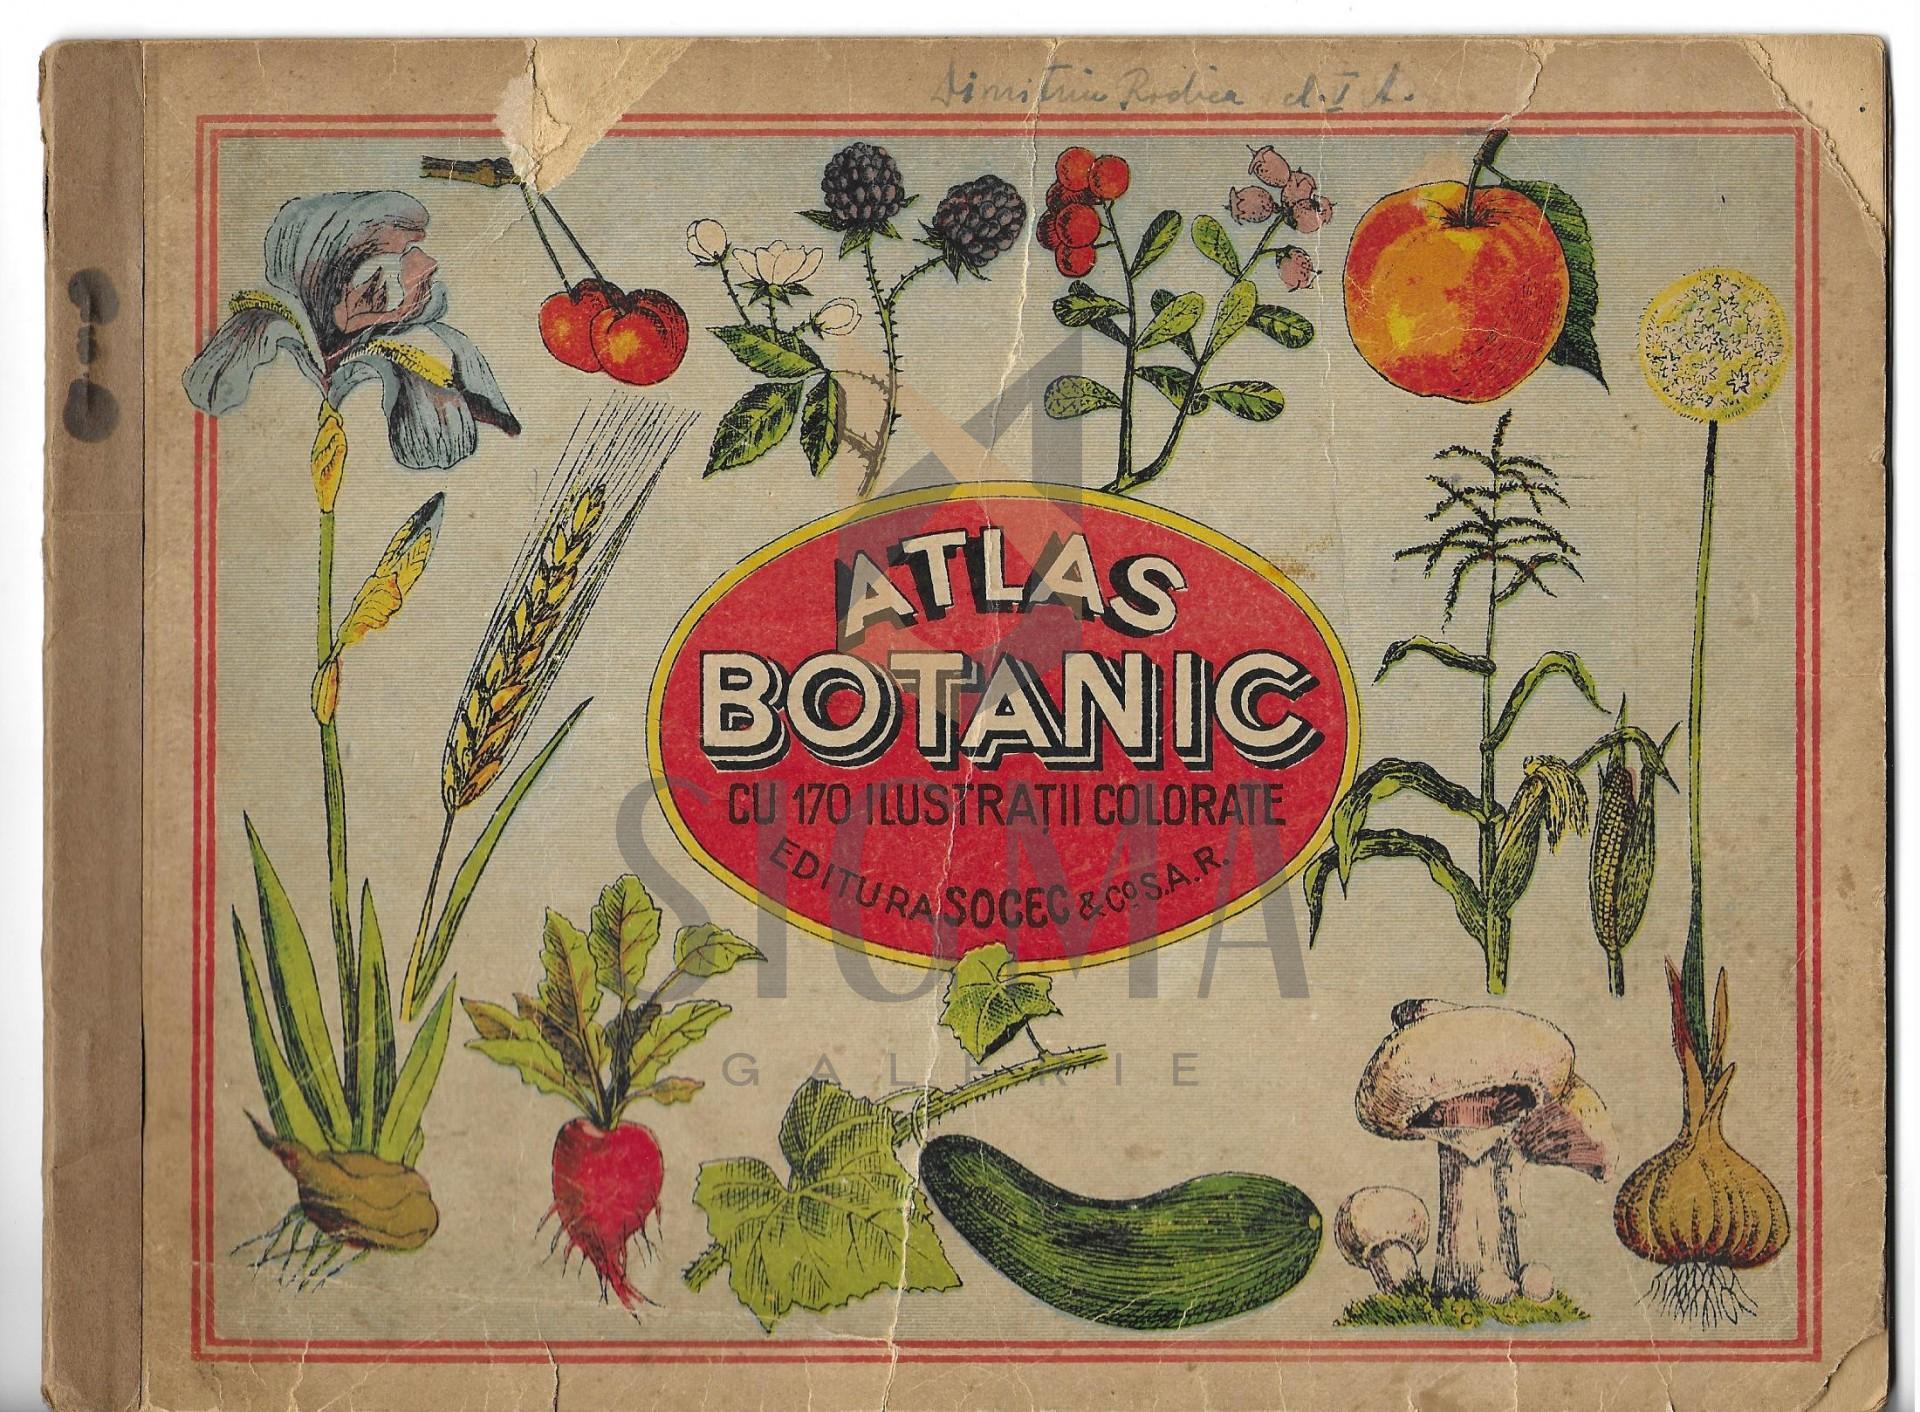 ATLAS BOTANIC  cu 170 ilustratiuni colorate, Bucuresti